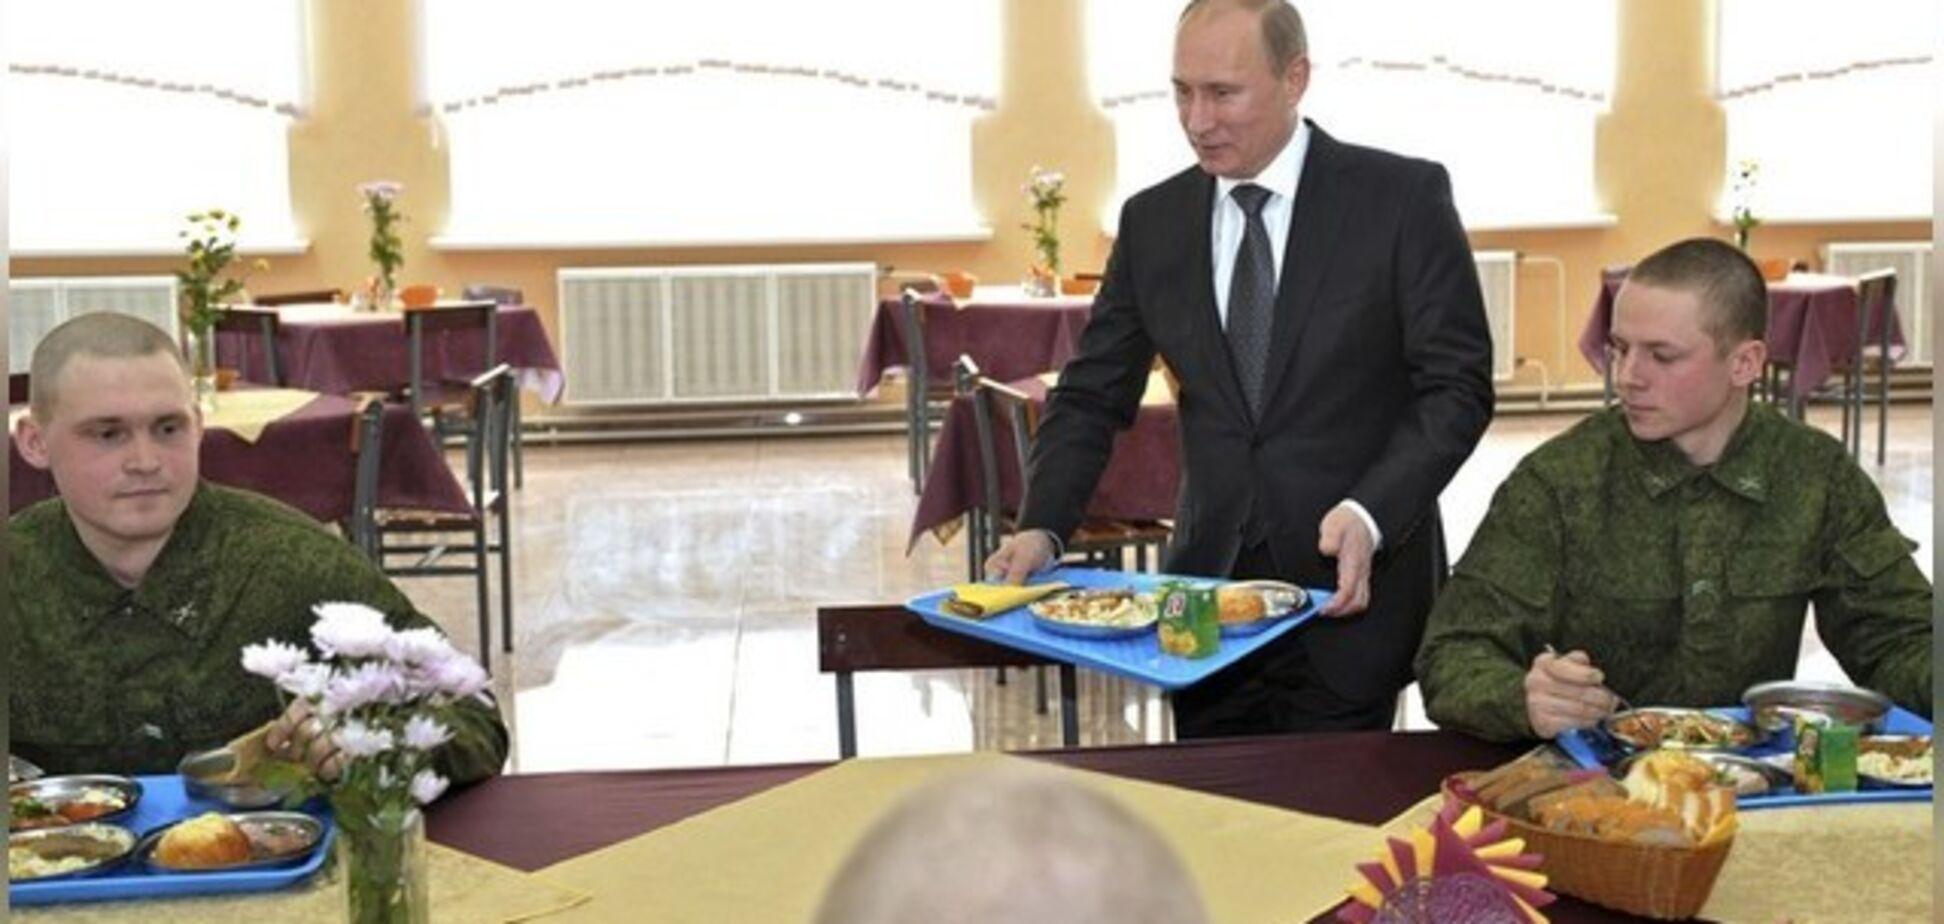 ''На десерт убитые дети'': Путин разгневал сеть 'ресторанным интимом'